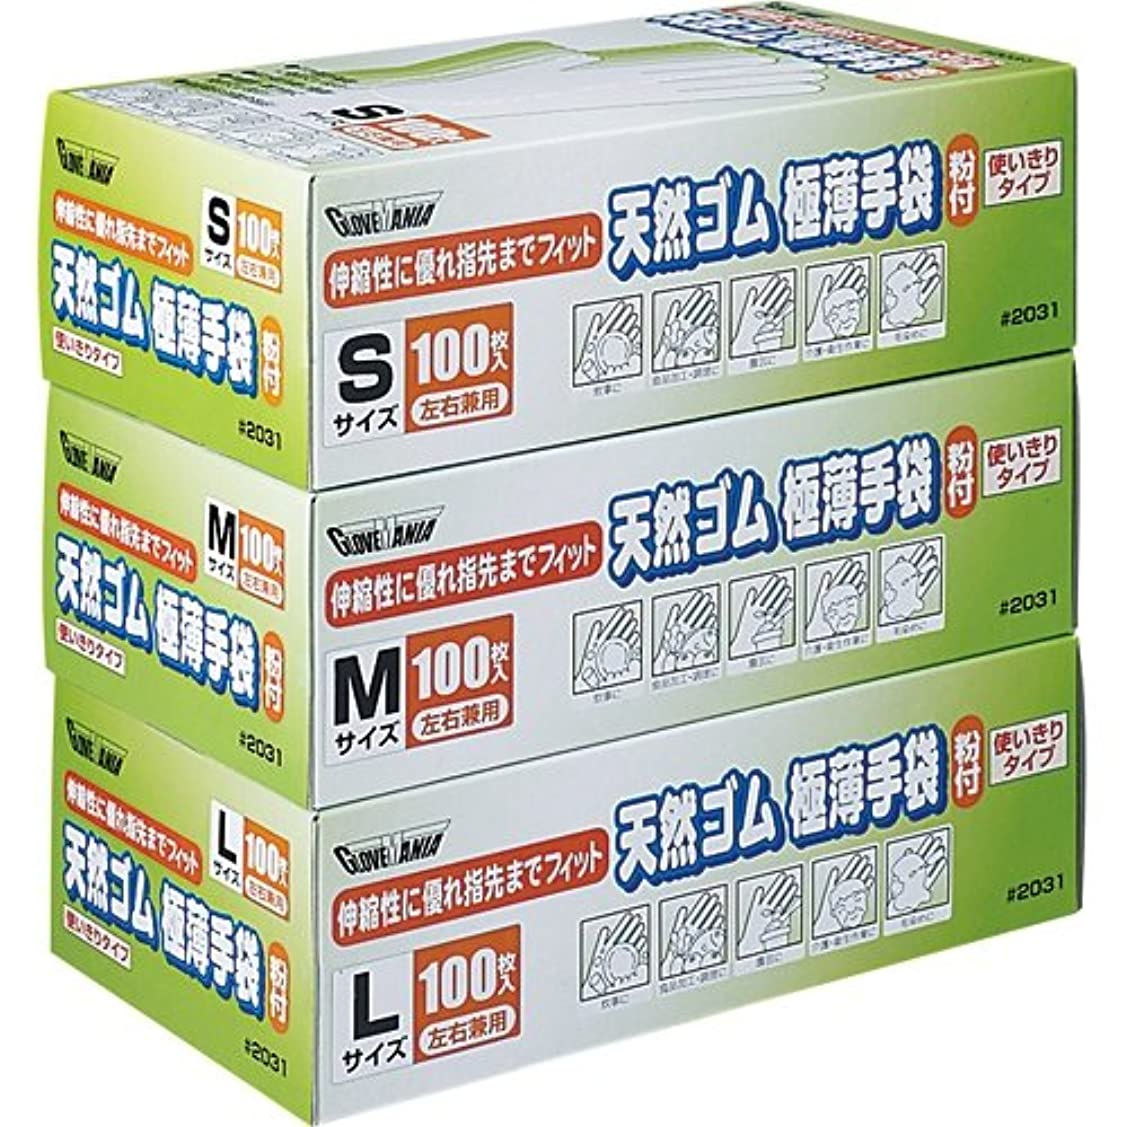 カセットピアニスト発信川西工業 天然ゴム極薄手袋 粉付 M #2031 1セット(1000枚:100枚×10箱)